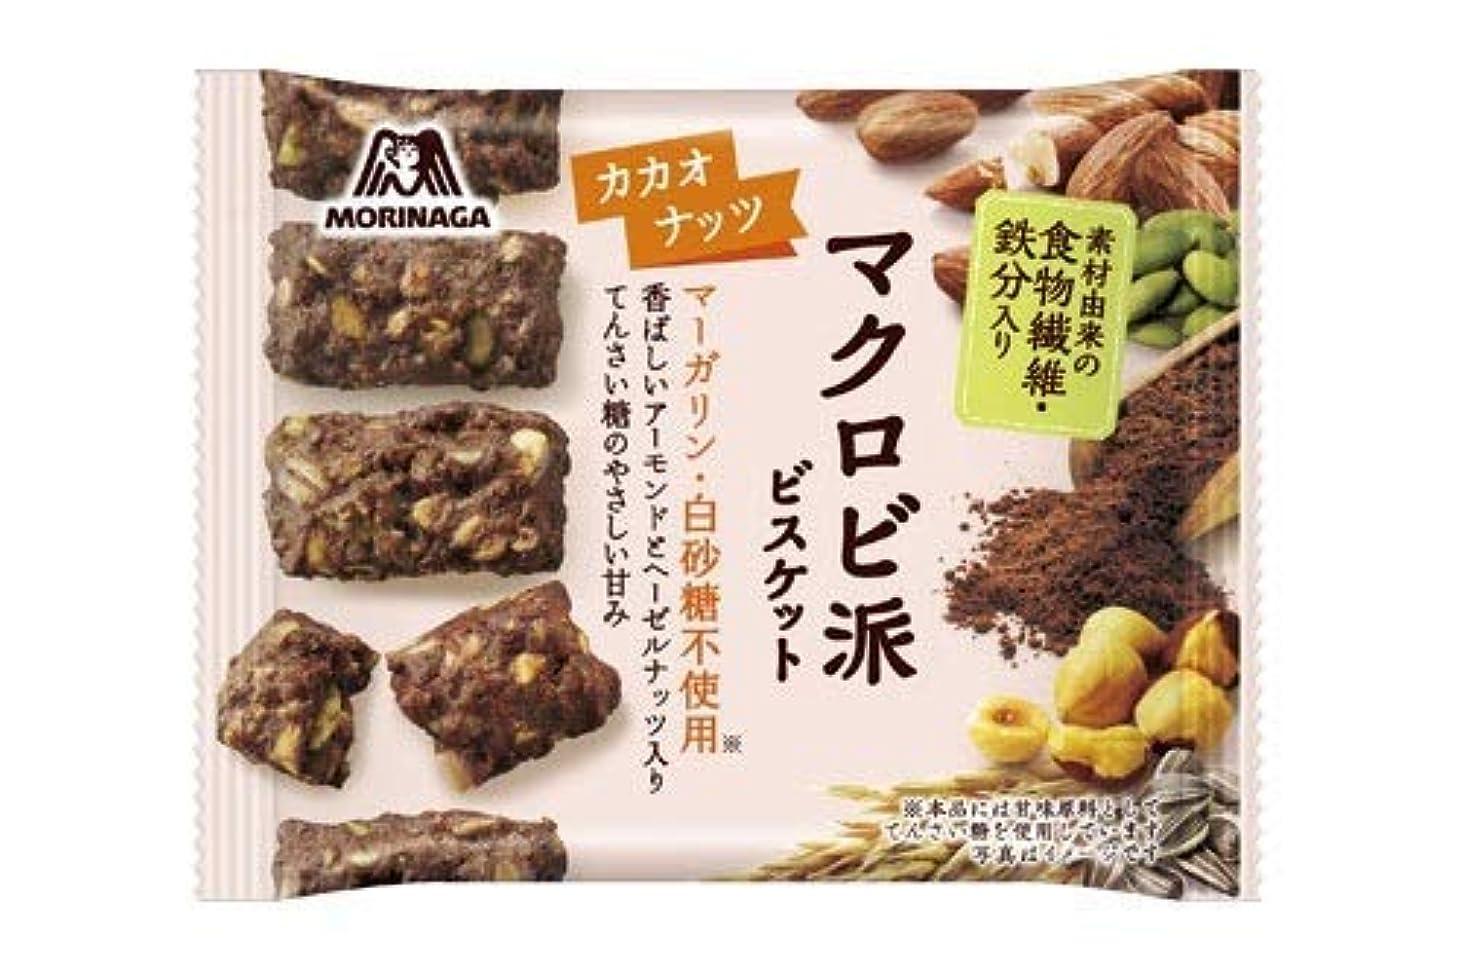 侵入する上へ潜む森永製菓 マクロビ派ビスケット カカオナッツ 12個セット